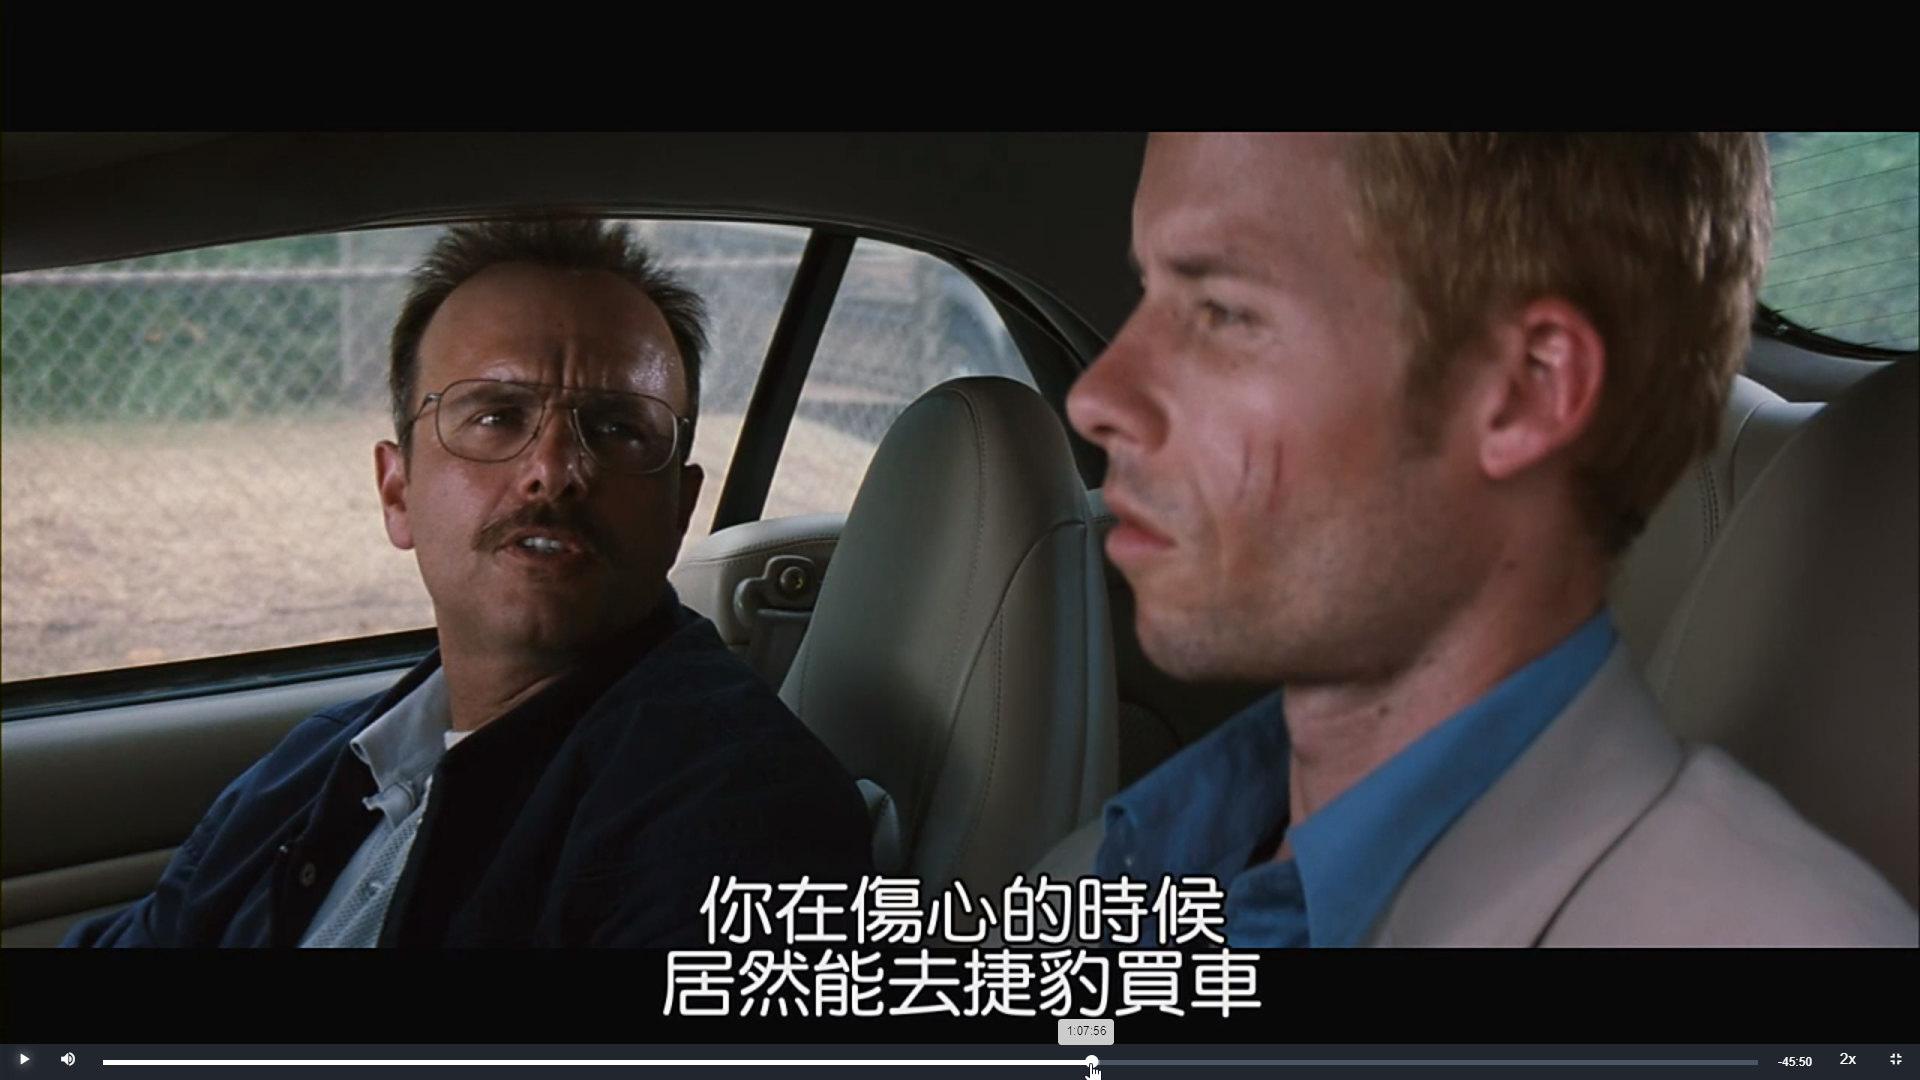 [感想] 電影-記憶拼圖 Memento (2000) 整理順序劇情&爭議討論-104.jpg